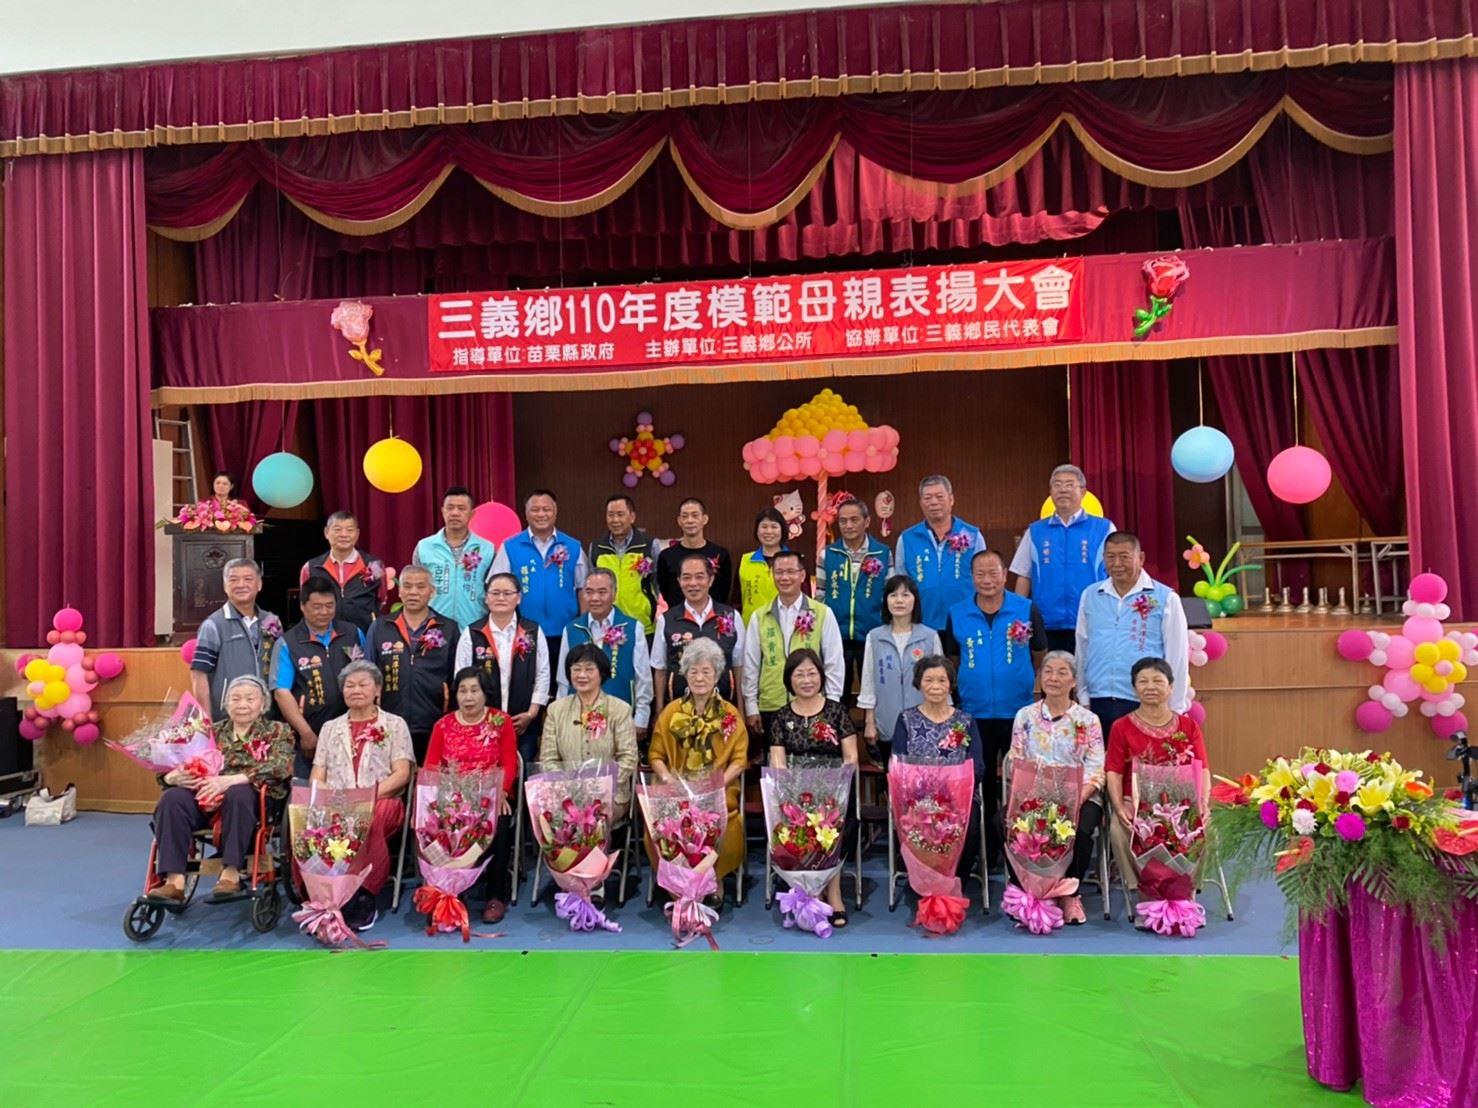 三義鄉110年度模範母親表揚大會